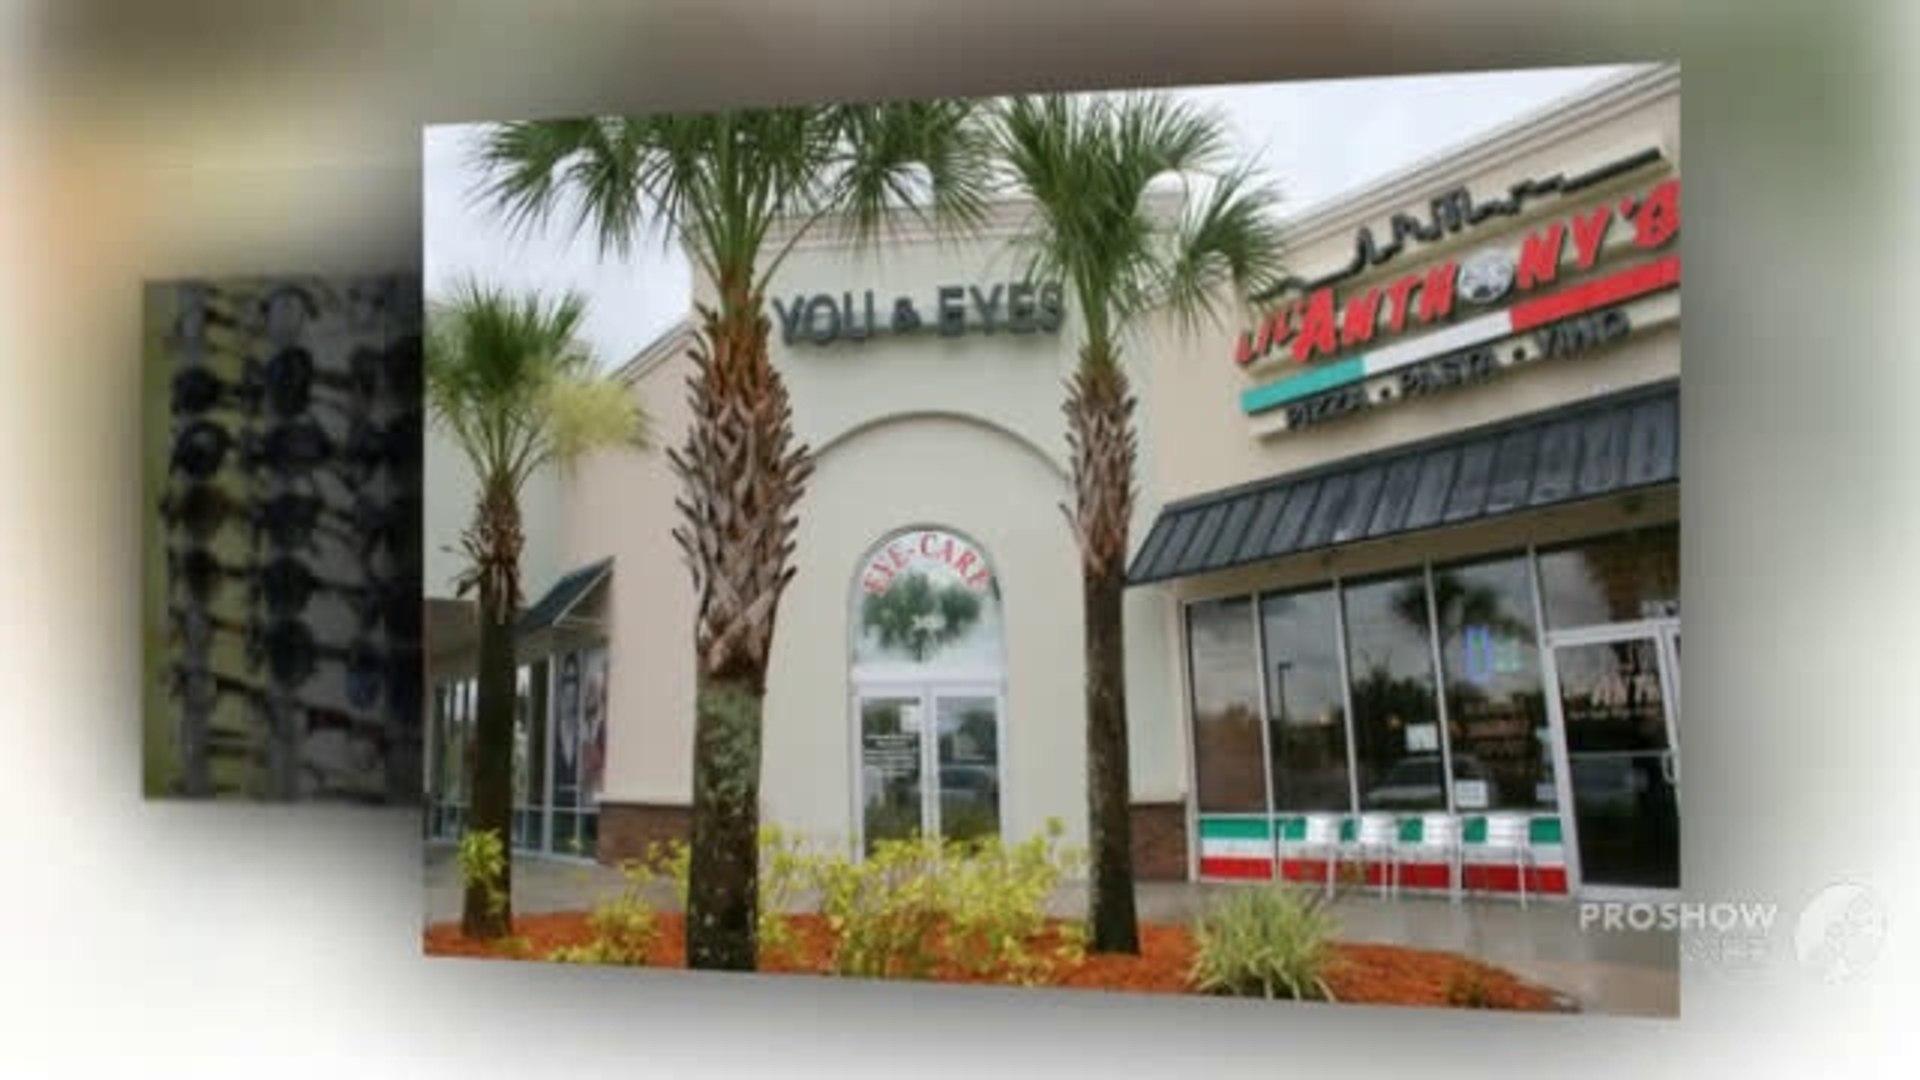 Eye Care Center Orlando FL 32828 | (407) 658-6580 | You & Eyes